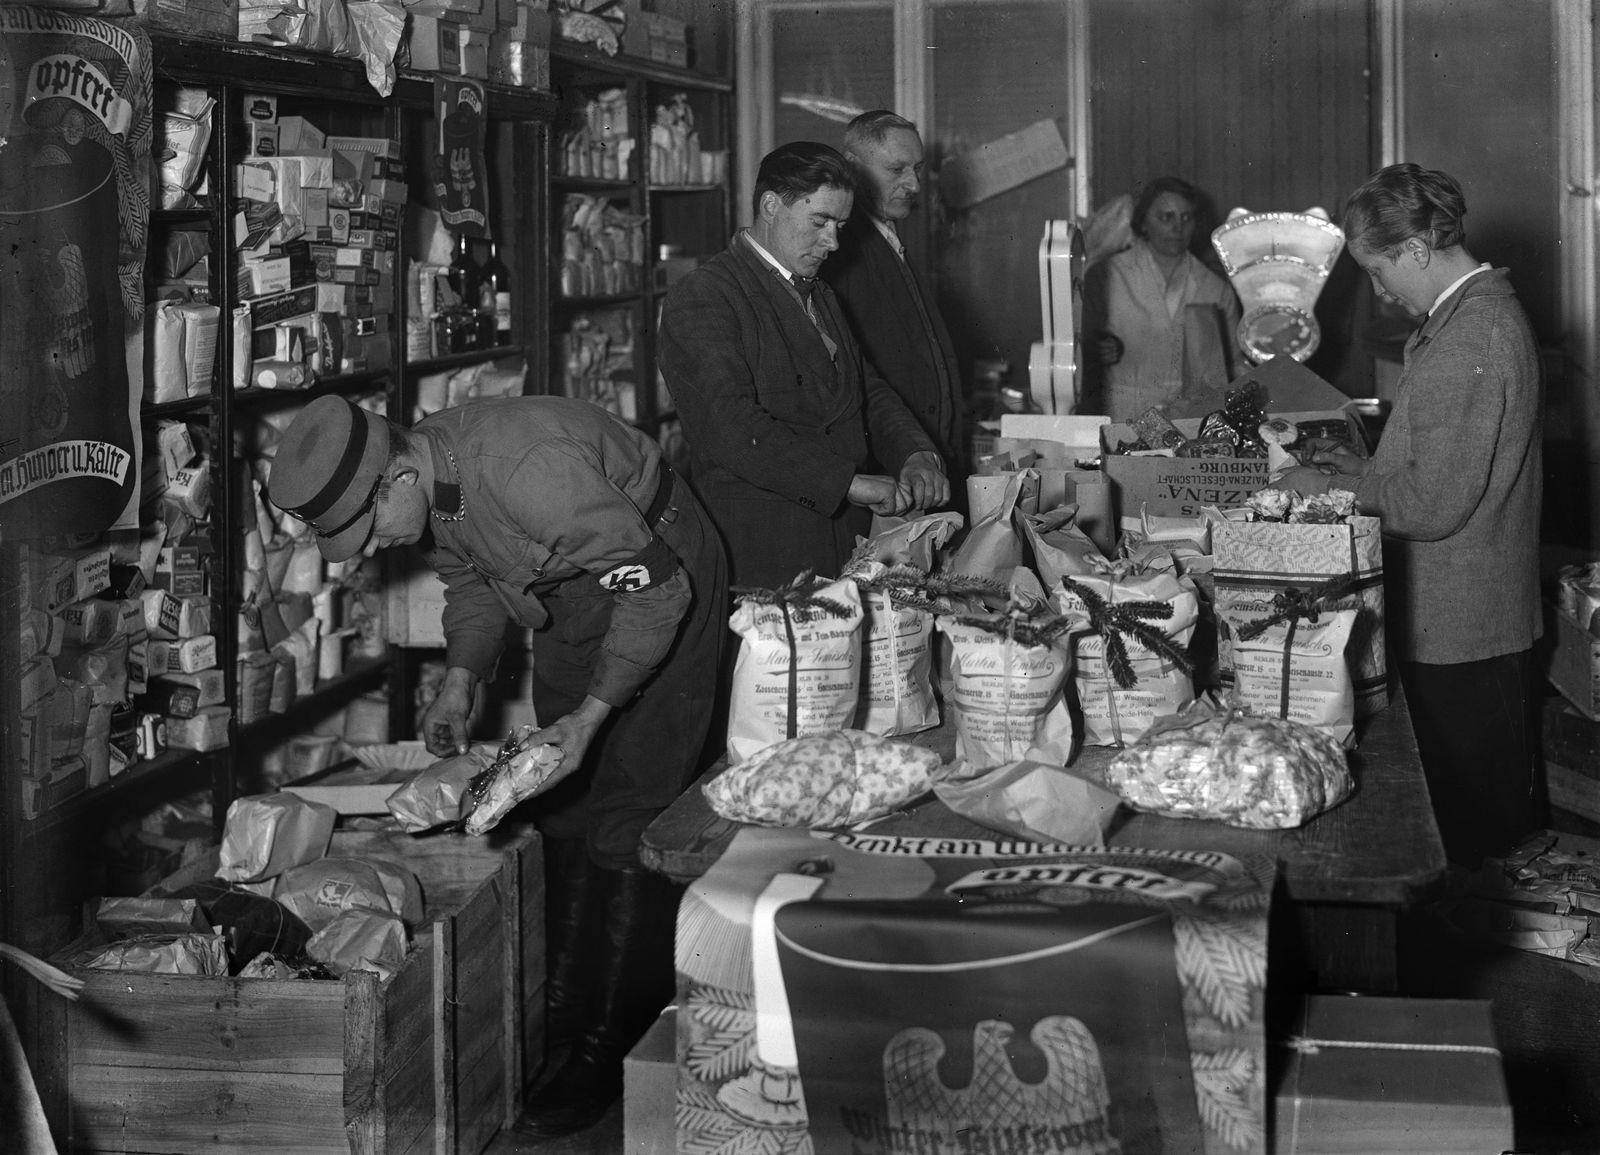 """Weihnachten unterm Hakenkreuz: """"Die bei der Ortsgruppe Gneisenau der NS-Volkswohlfahrt eingegangenen Pfundspenden werden zu Weihnachtspaketen für Bedürftige zusammengestellt (20.12.1933)."""" (c) bpk / Kunstbibliothek, SMB, Photothek Willy Römer / Willy Römer"""